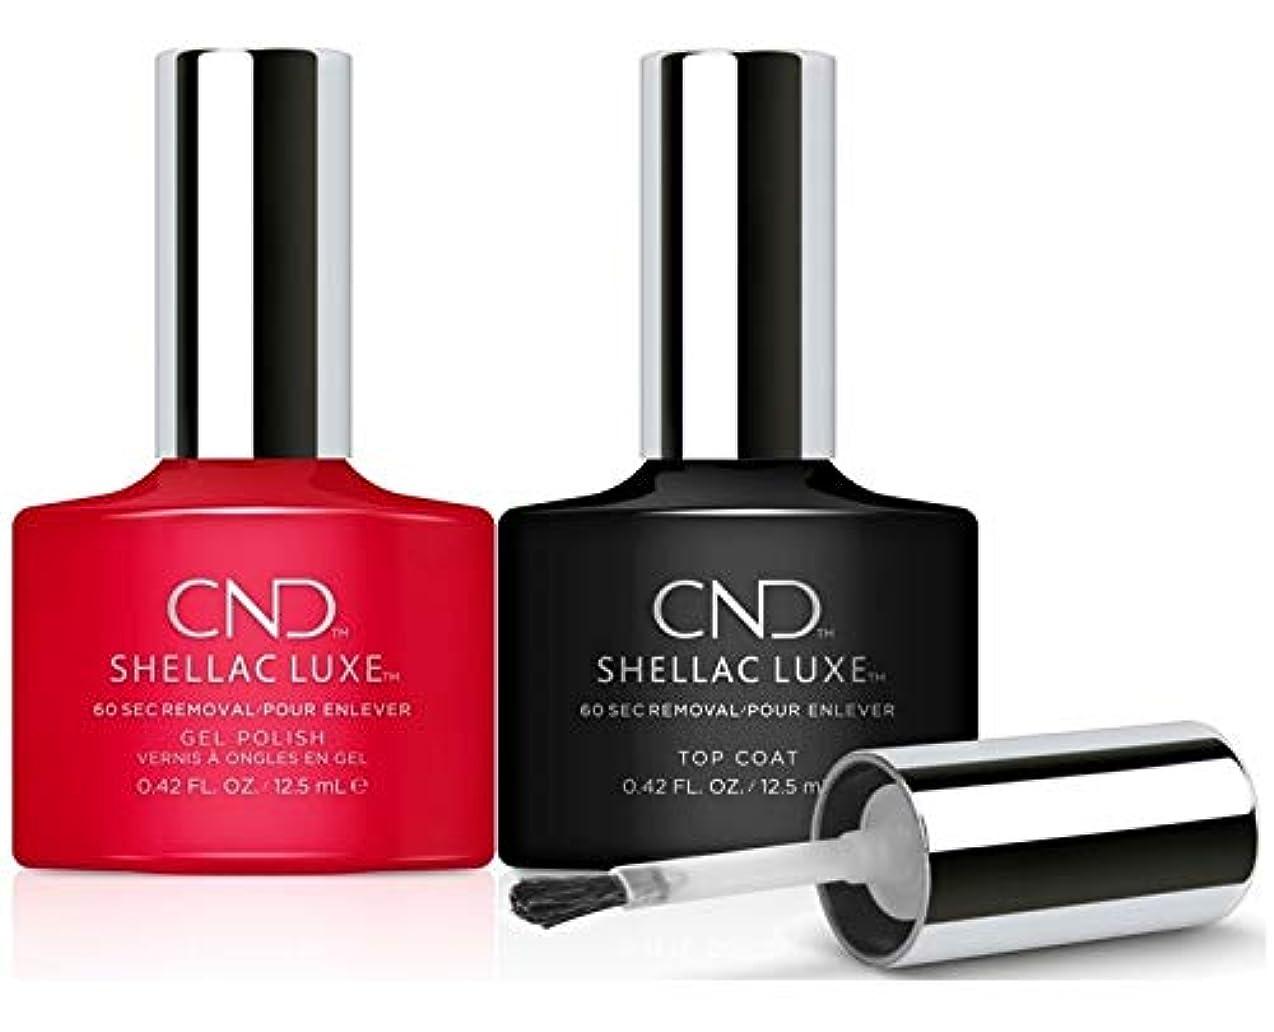 ピュー考古学的な読み書きのできないCND Shellac Luxe - Femme Fatale and Top Coat Duo Pack - 12.5 mL / 0.42 oz Each